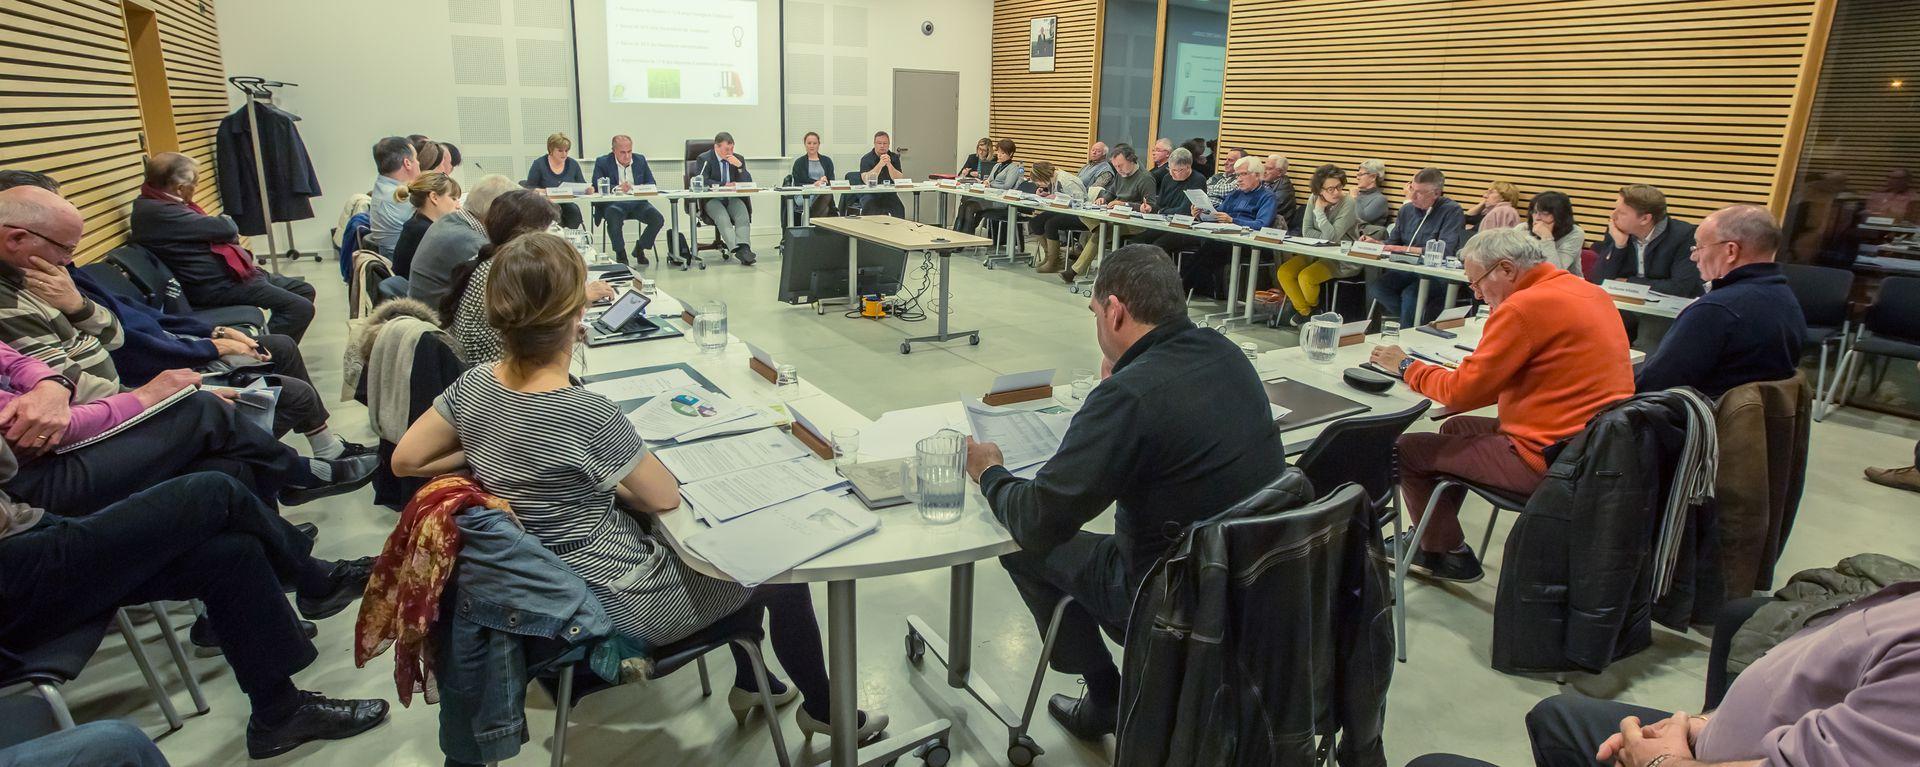 Conseil Municipal © Mairie de Dompierre sur Mer